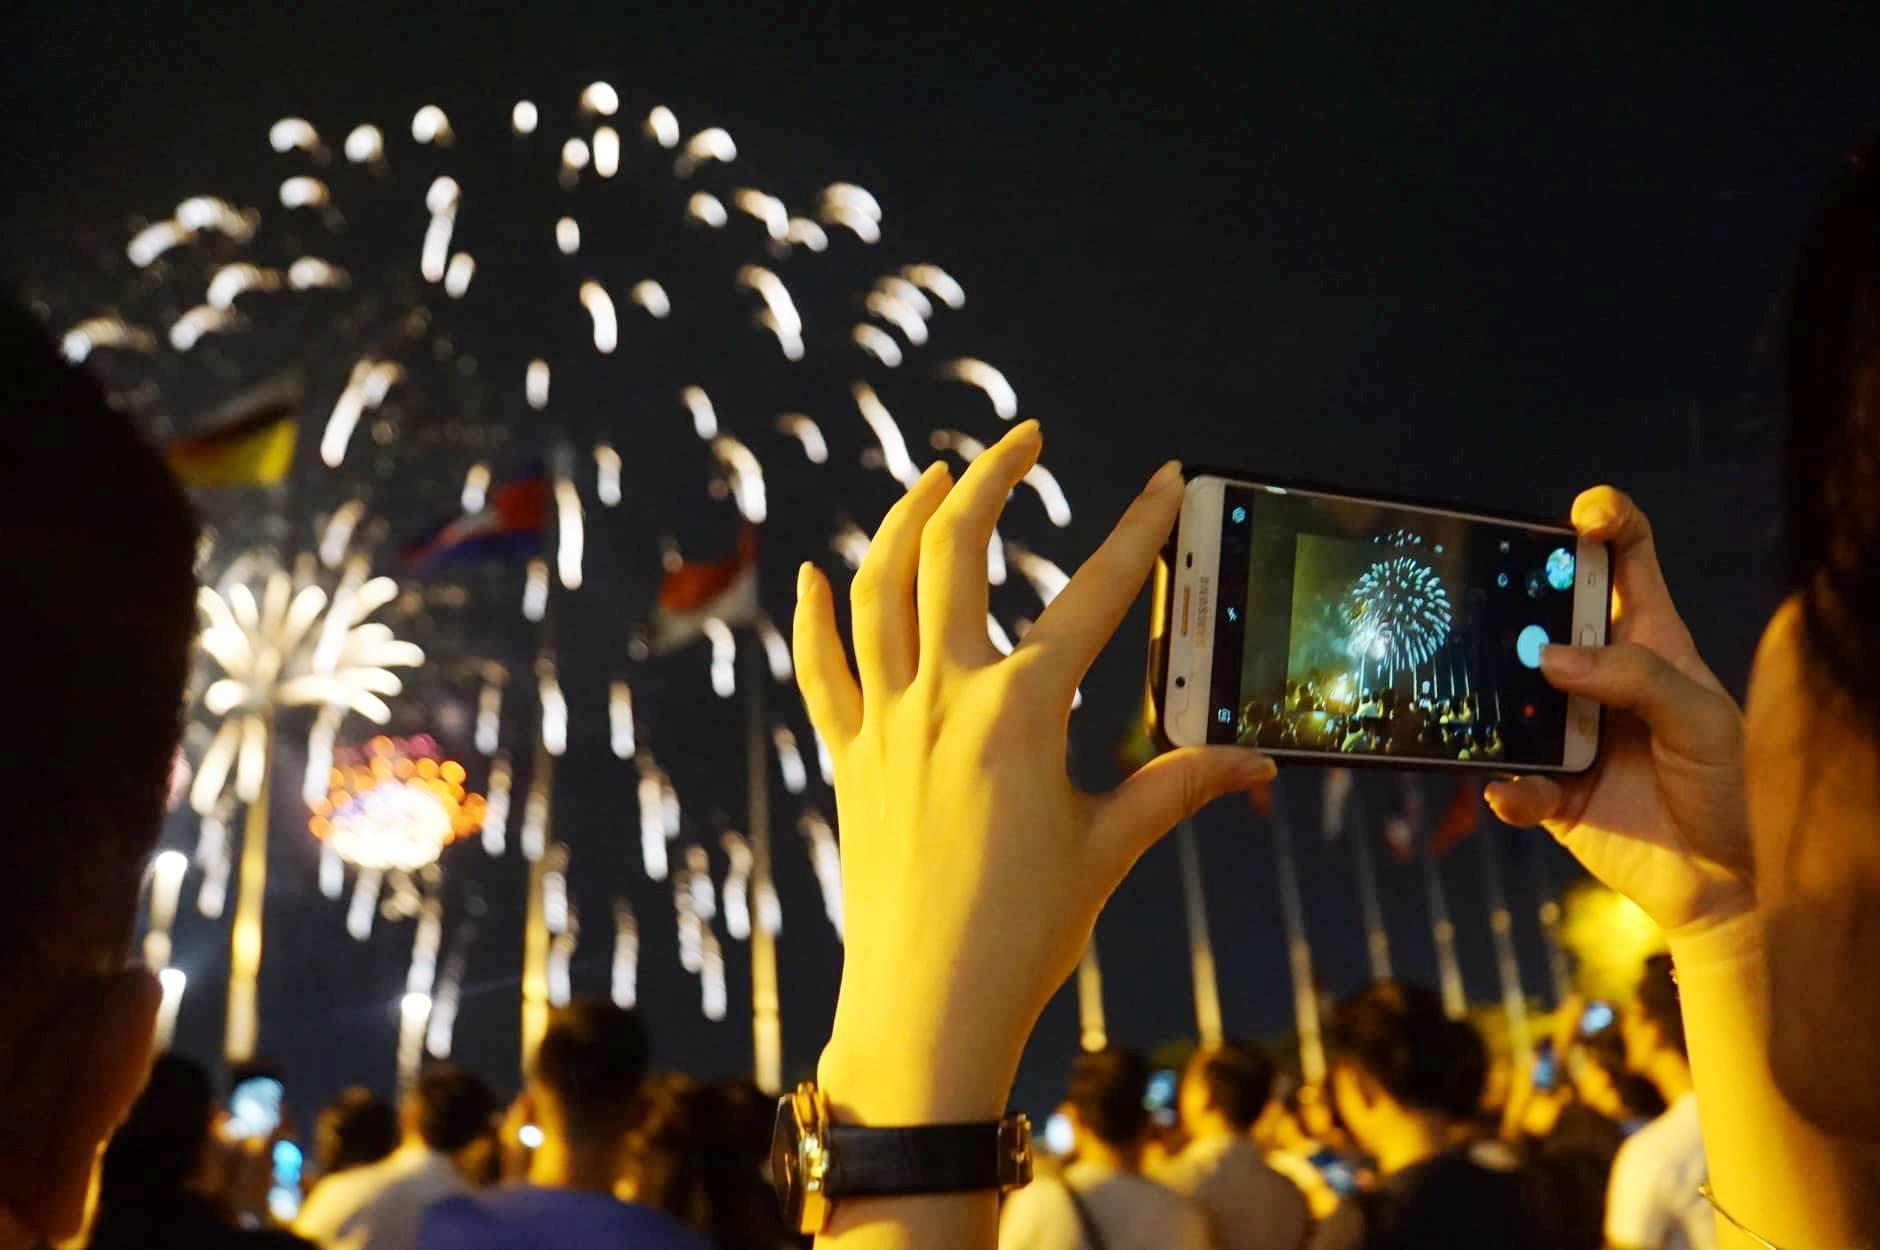 Đi xem pháo hoa mừng năm mới 2019 ở trung tâm Sài Gòn, người dân cần biết điều này - 1